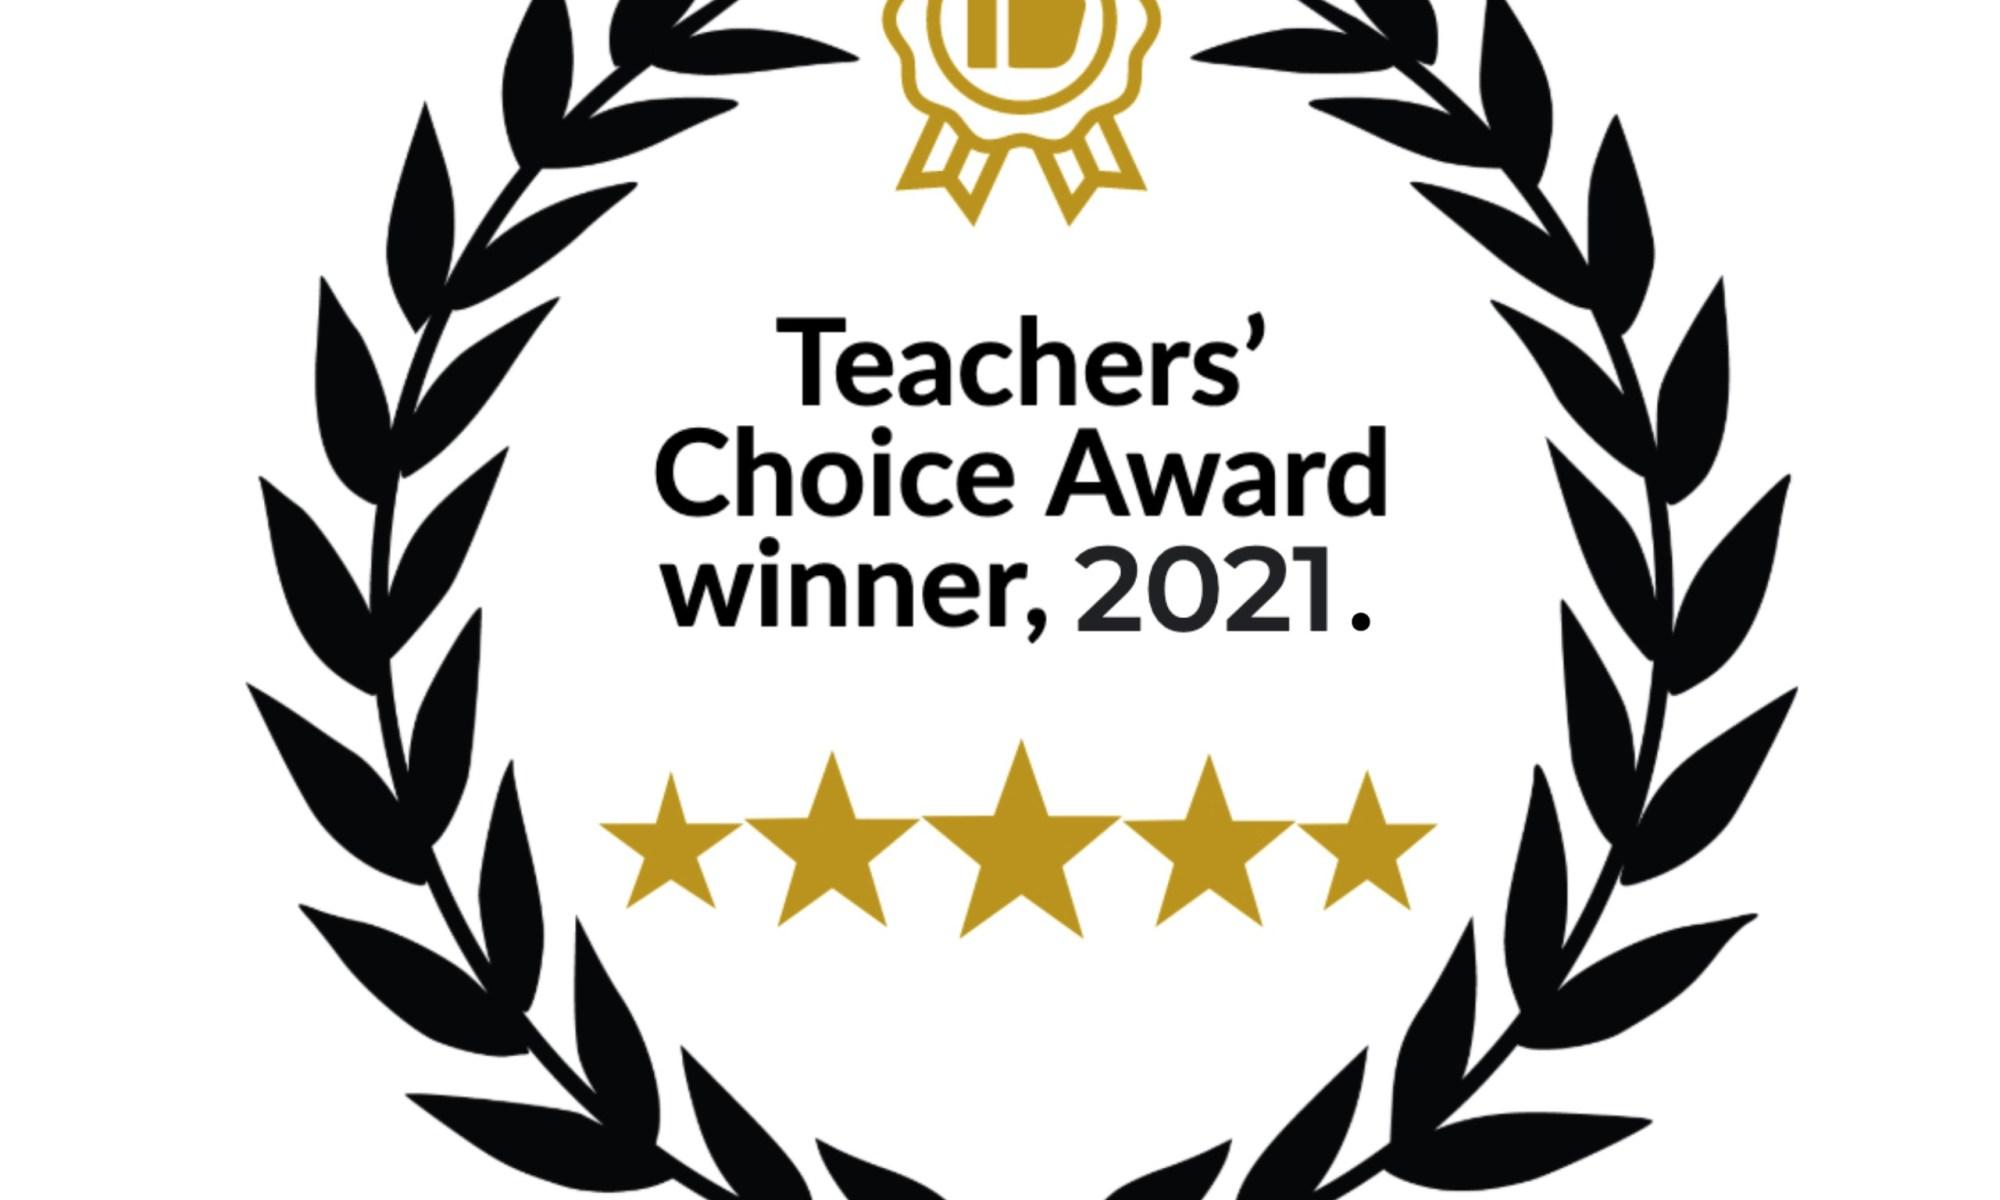 TEFL Teachers' Choice Award 2021